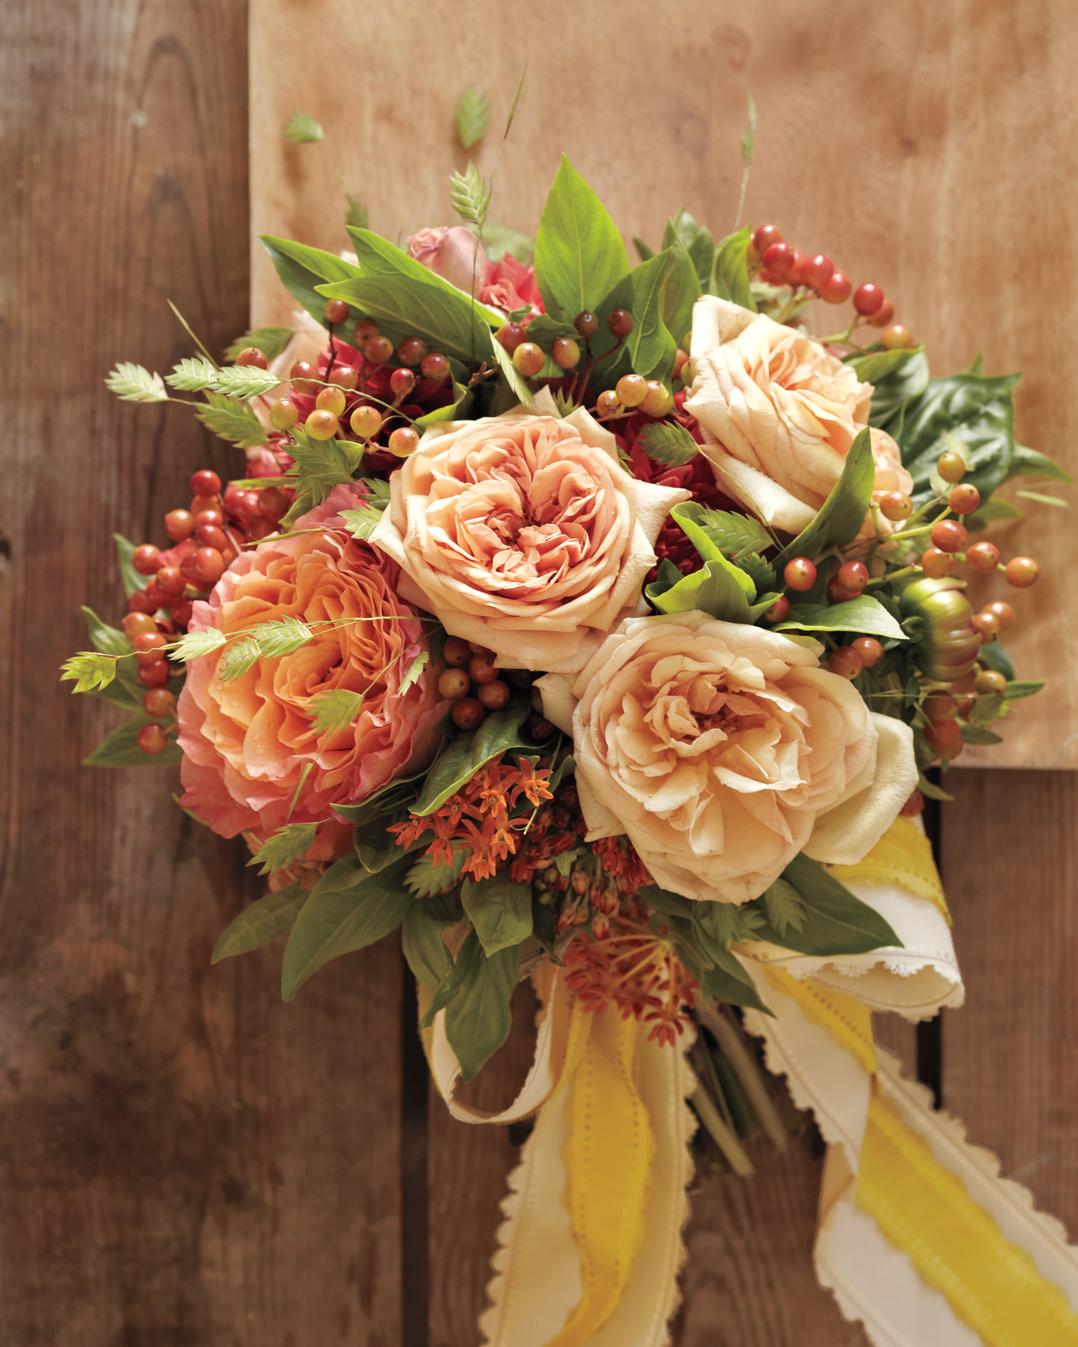 in-seasons-flowers-mwd107800.jpg